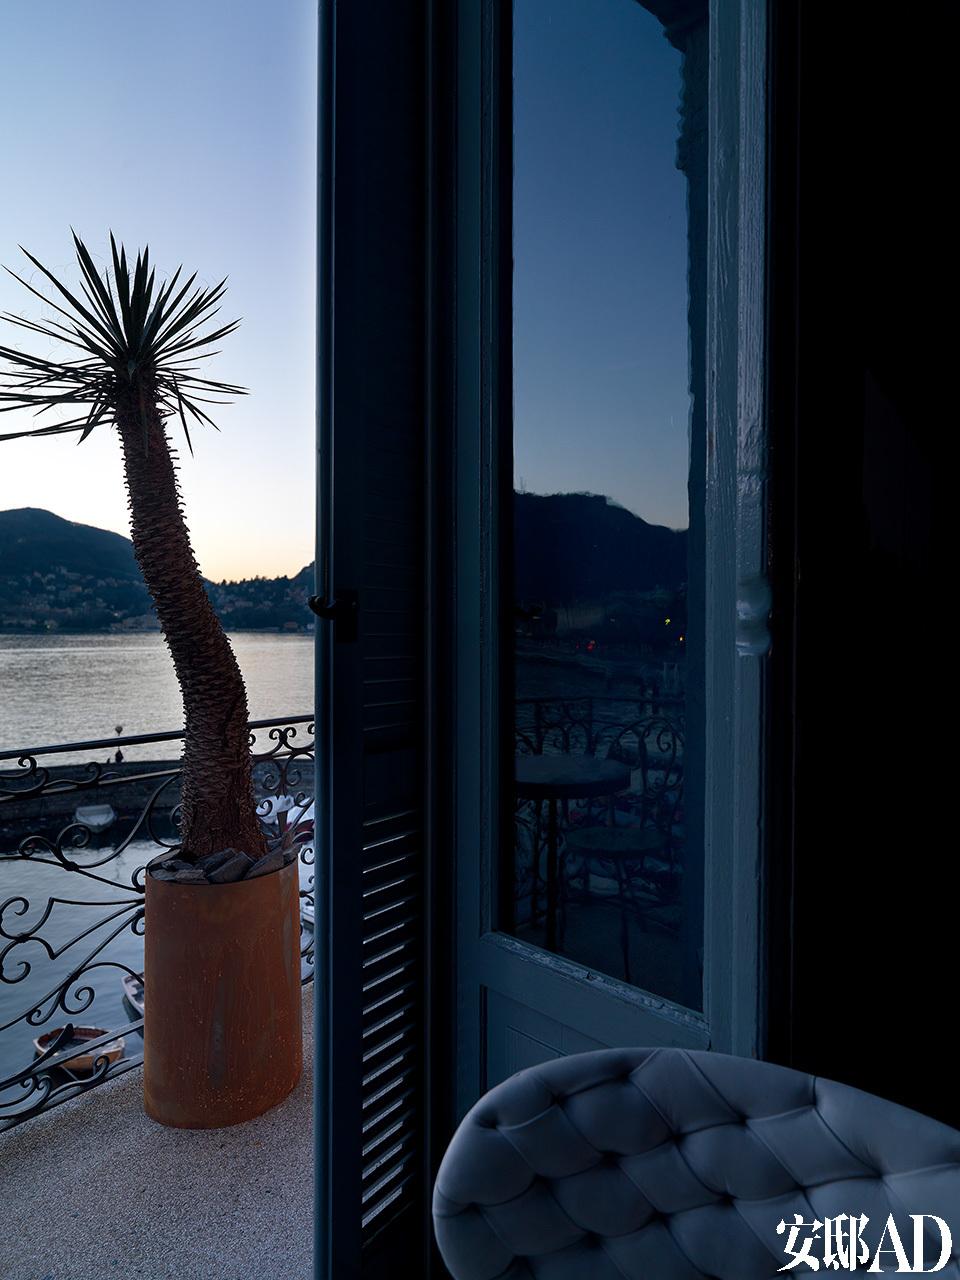 从小露台可以看到科莫湖上美丽的落日,这是设计师Stefano Guidotti一天中最爱的时光,落日的余晖像一道带有魔力的光芒,笼罩着整个房间。阳台上的仙人掌盆栽来自于Figli dei Fiori|Como。